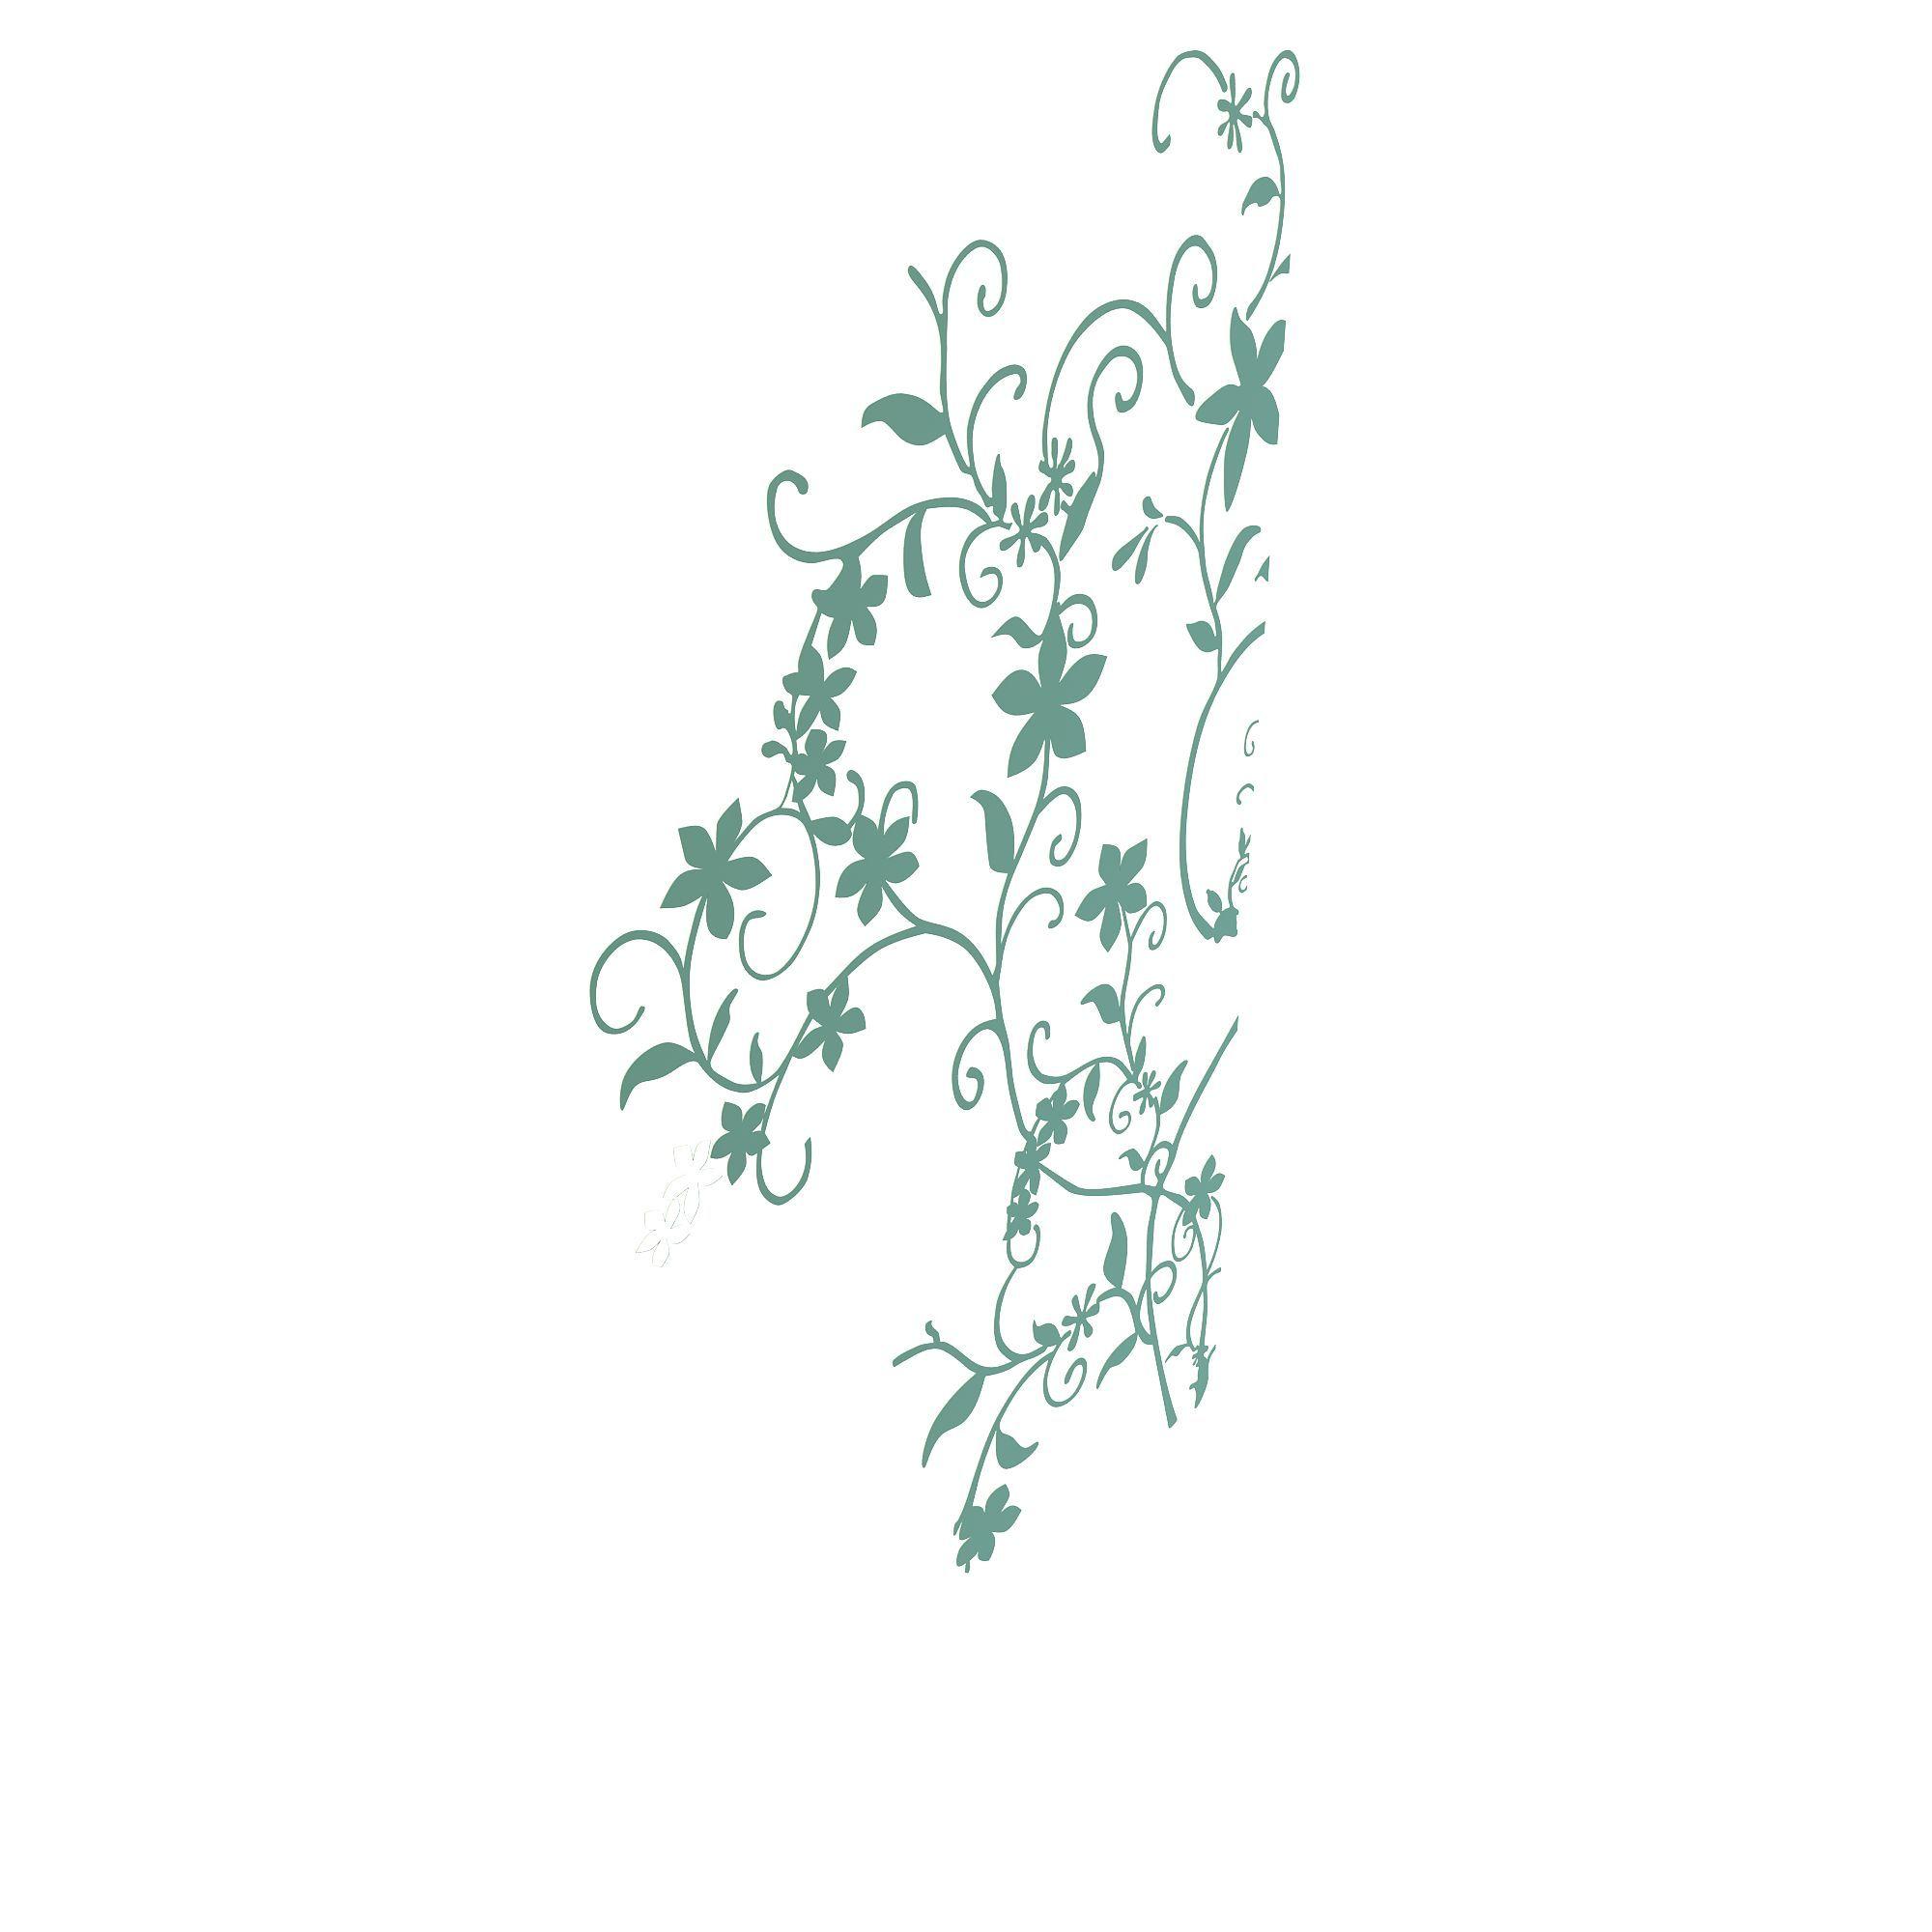 构件五金 其它 花纹3d模型 花纹png高清图